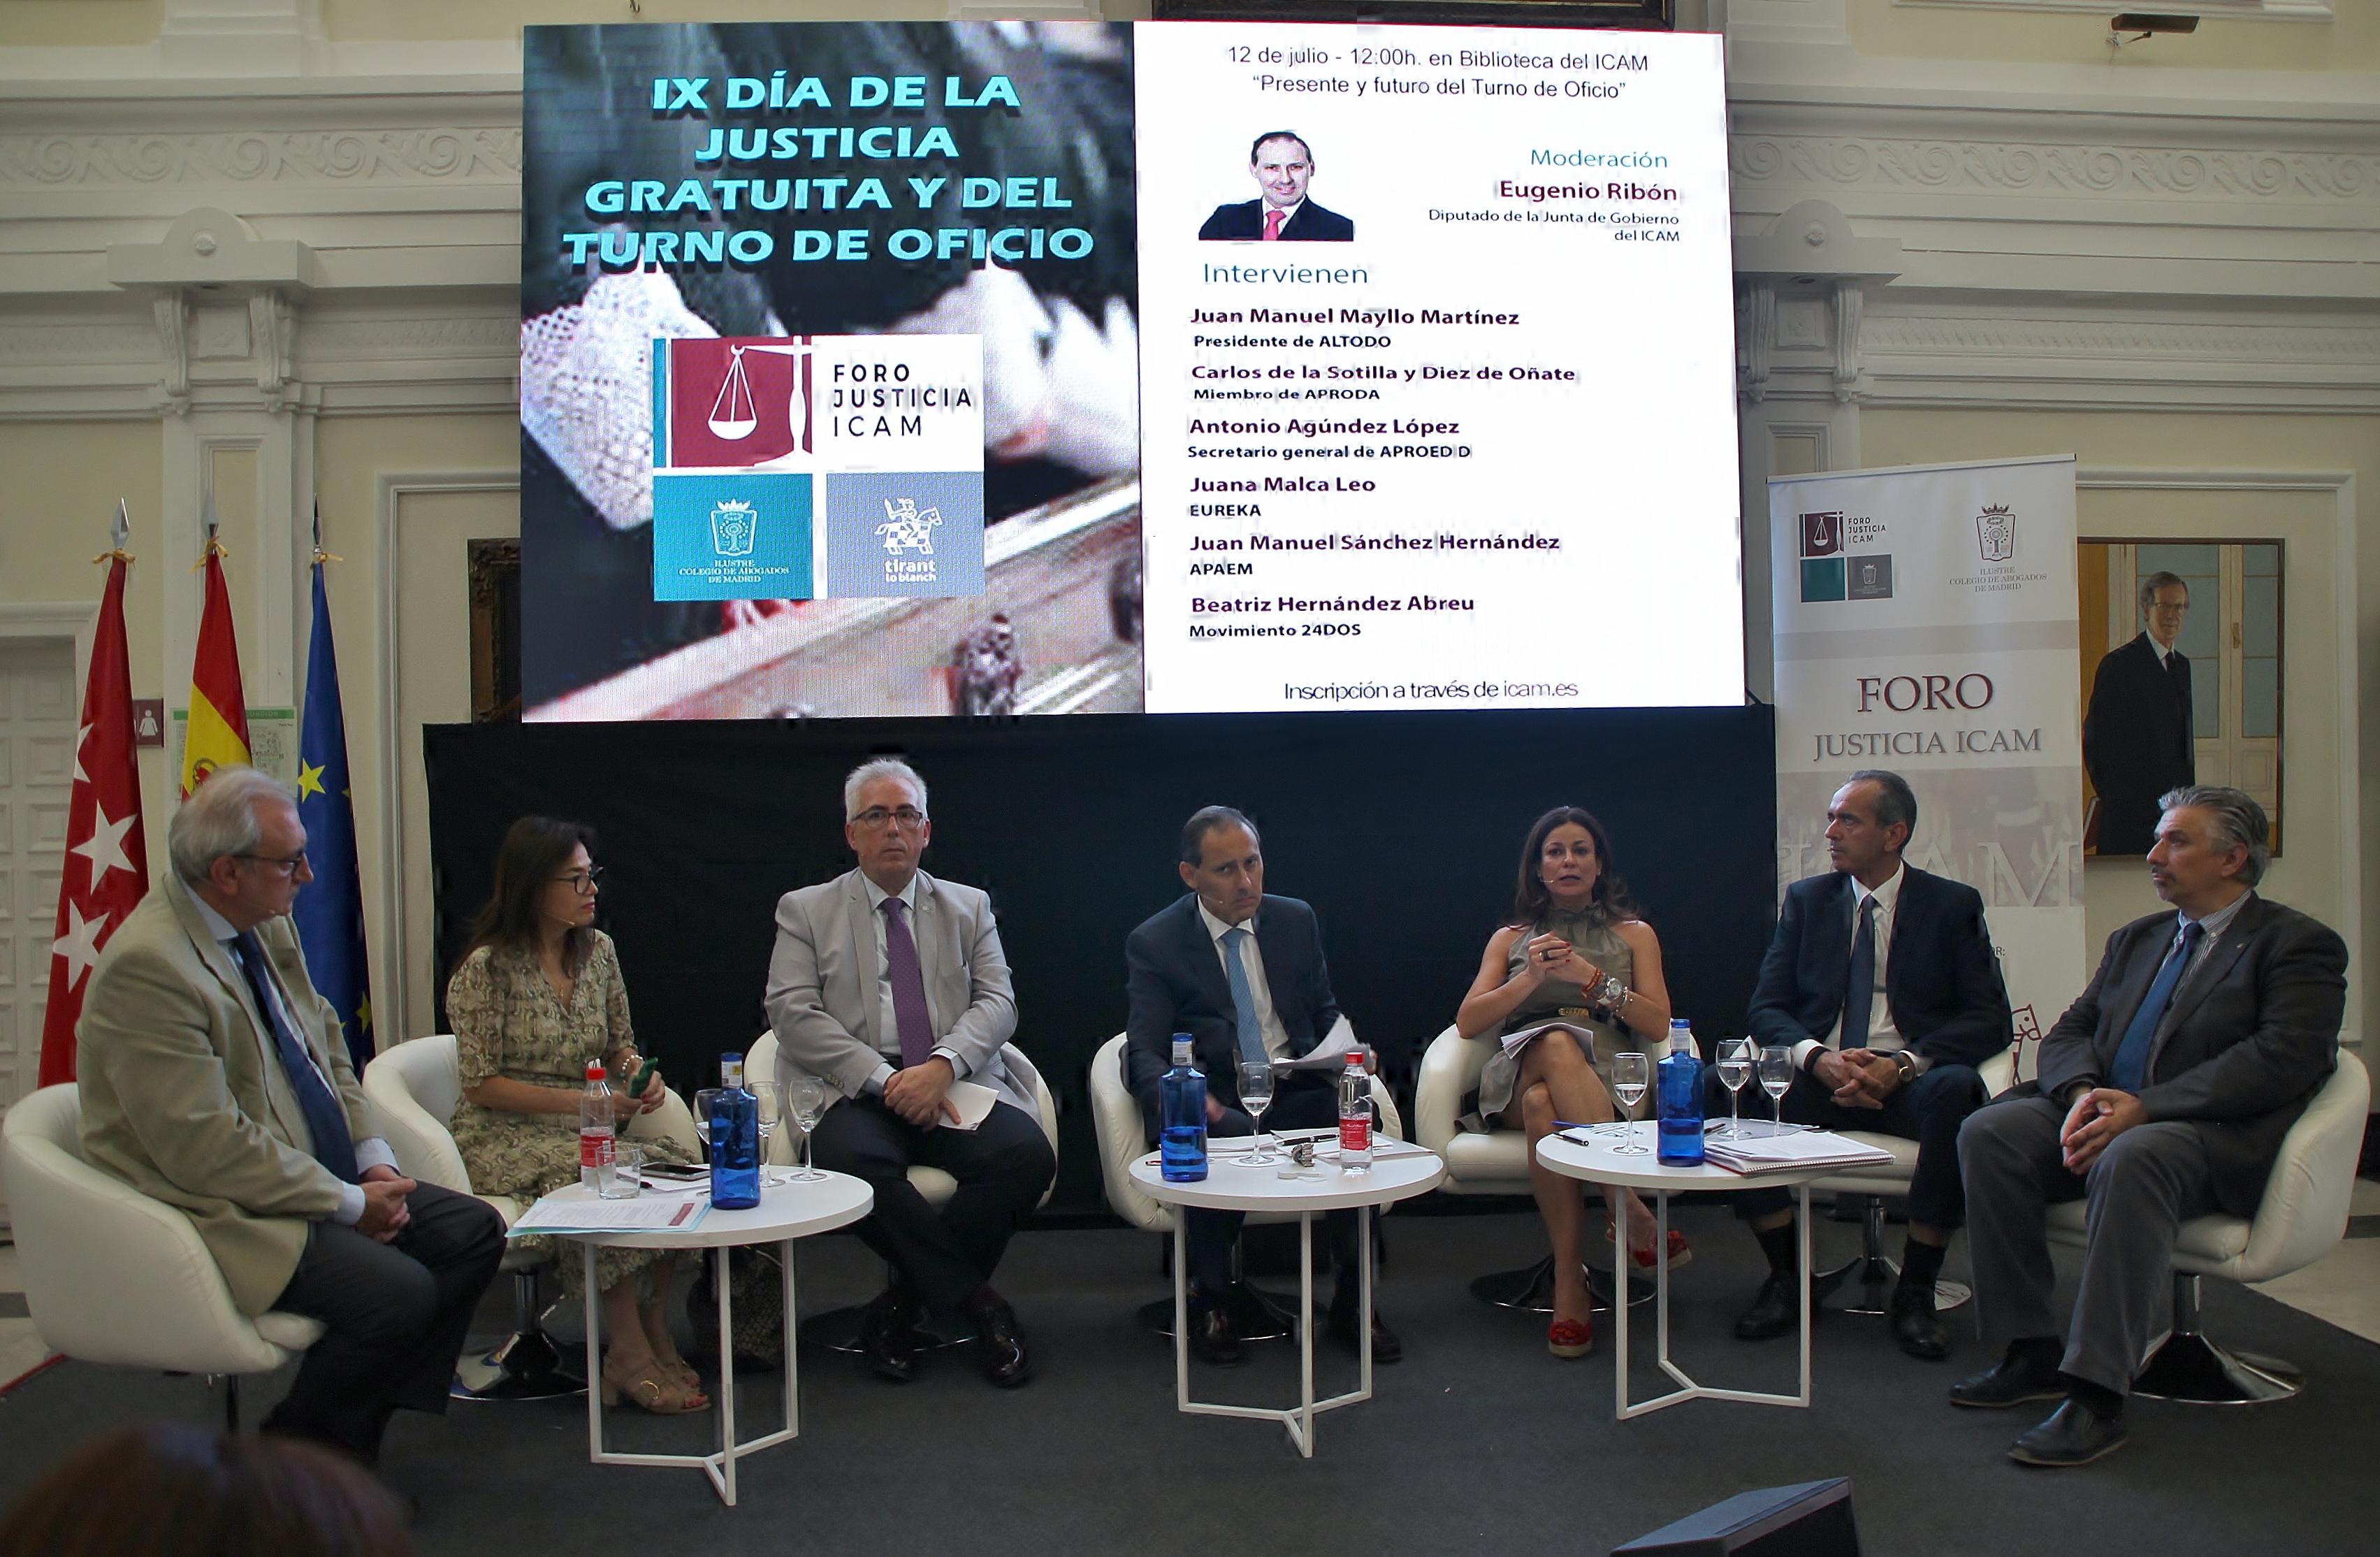 """Eugenio Ribón: """"Los 365 días del año habrá un abogado del Turno de Oficio para el ciudadano que lo necesite"""""""